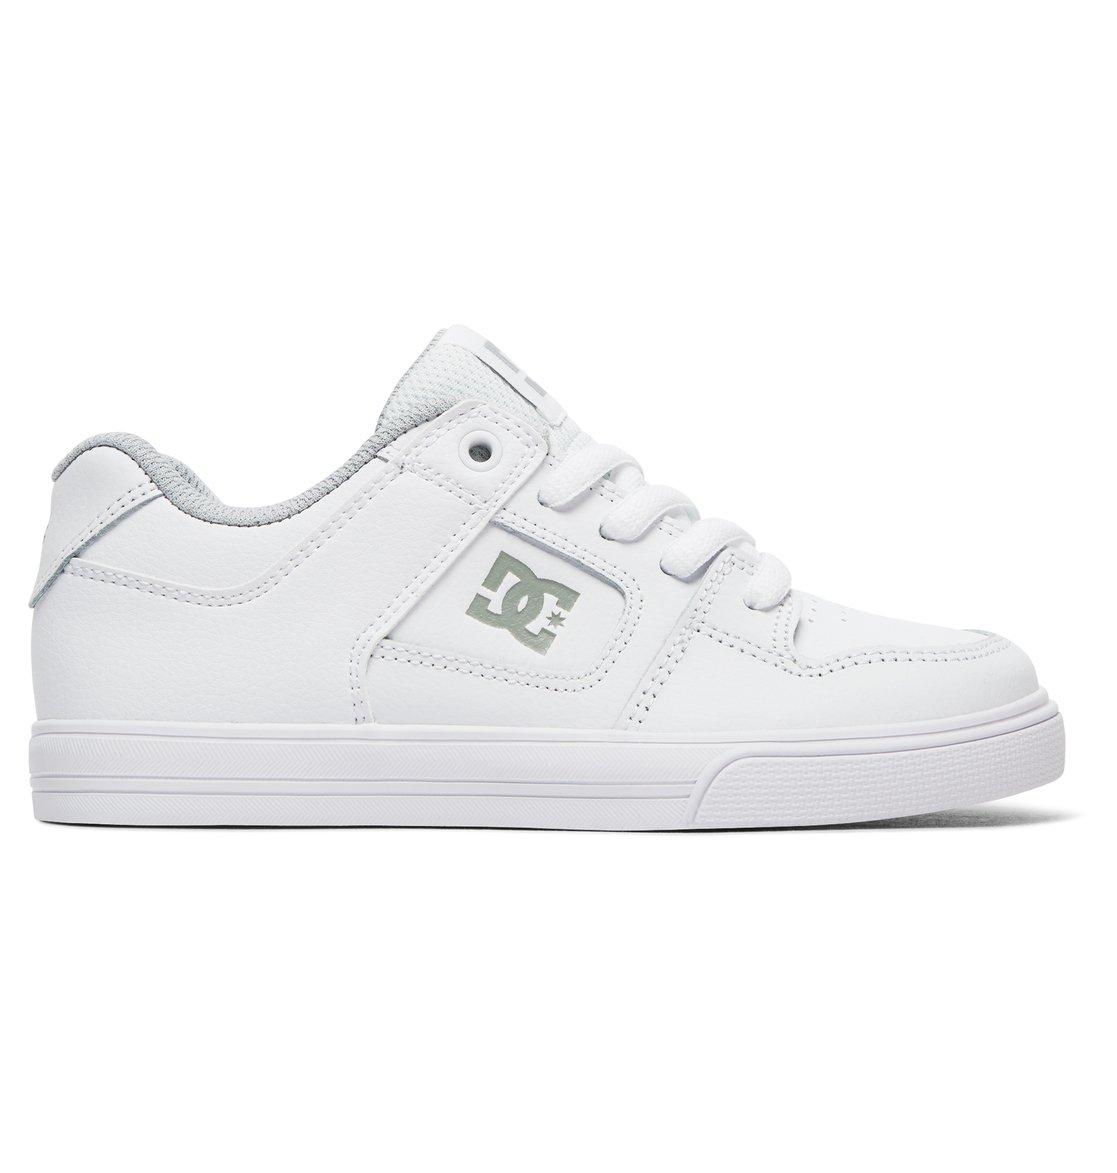 DC Shoes Pure - Shoes - Schuhe - Jungs 8-16 - EU 28 - Weiss cHi58y58